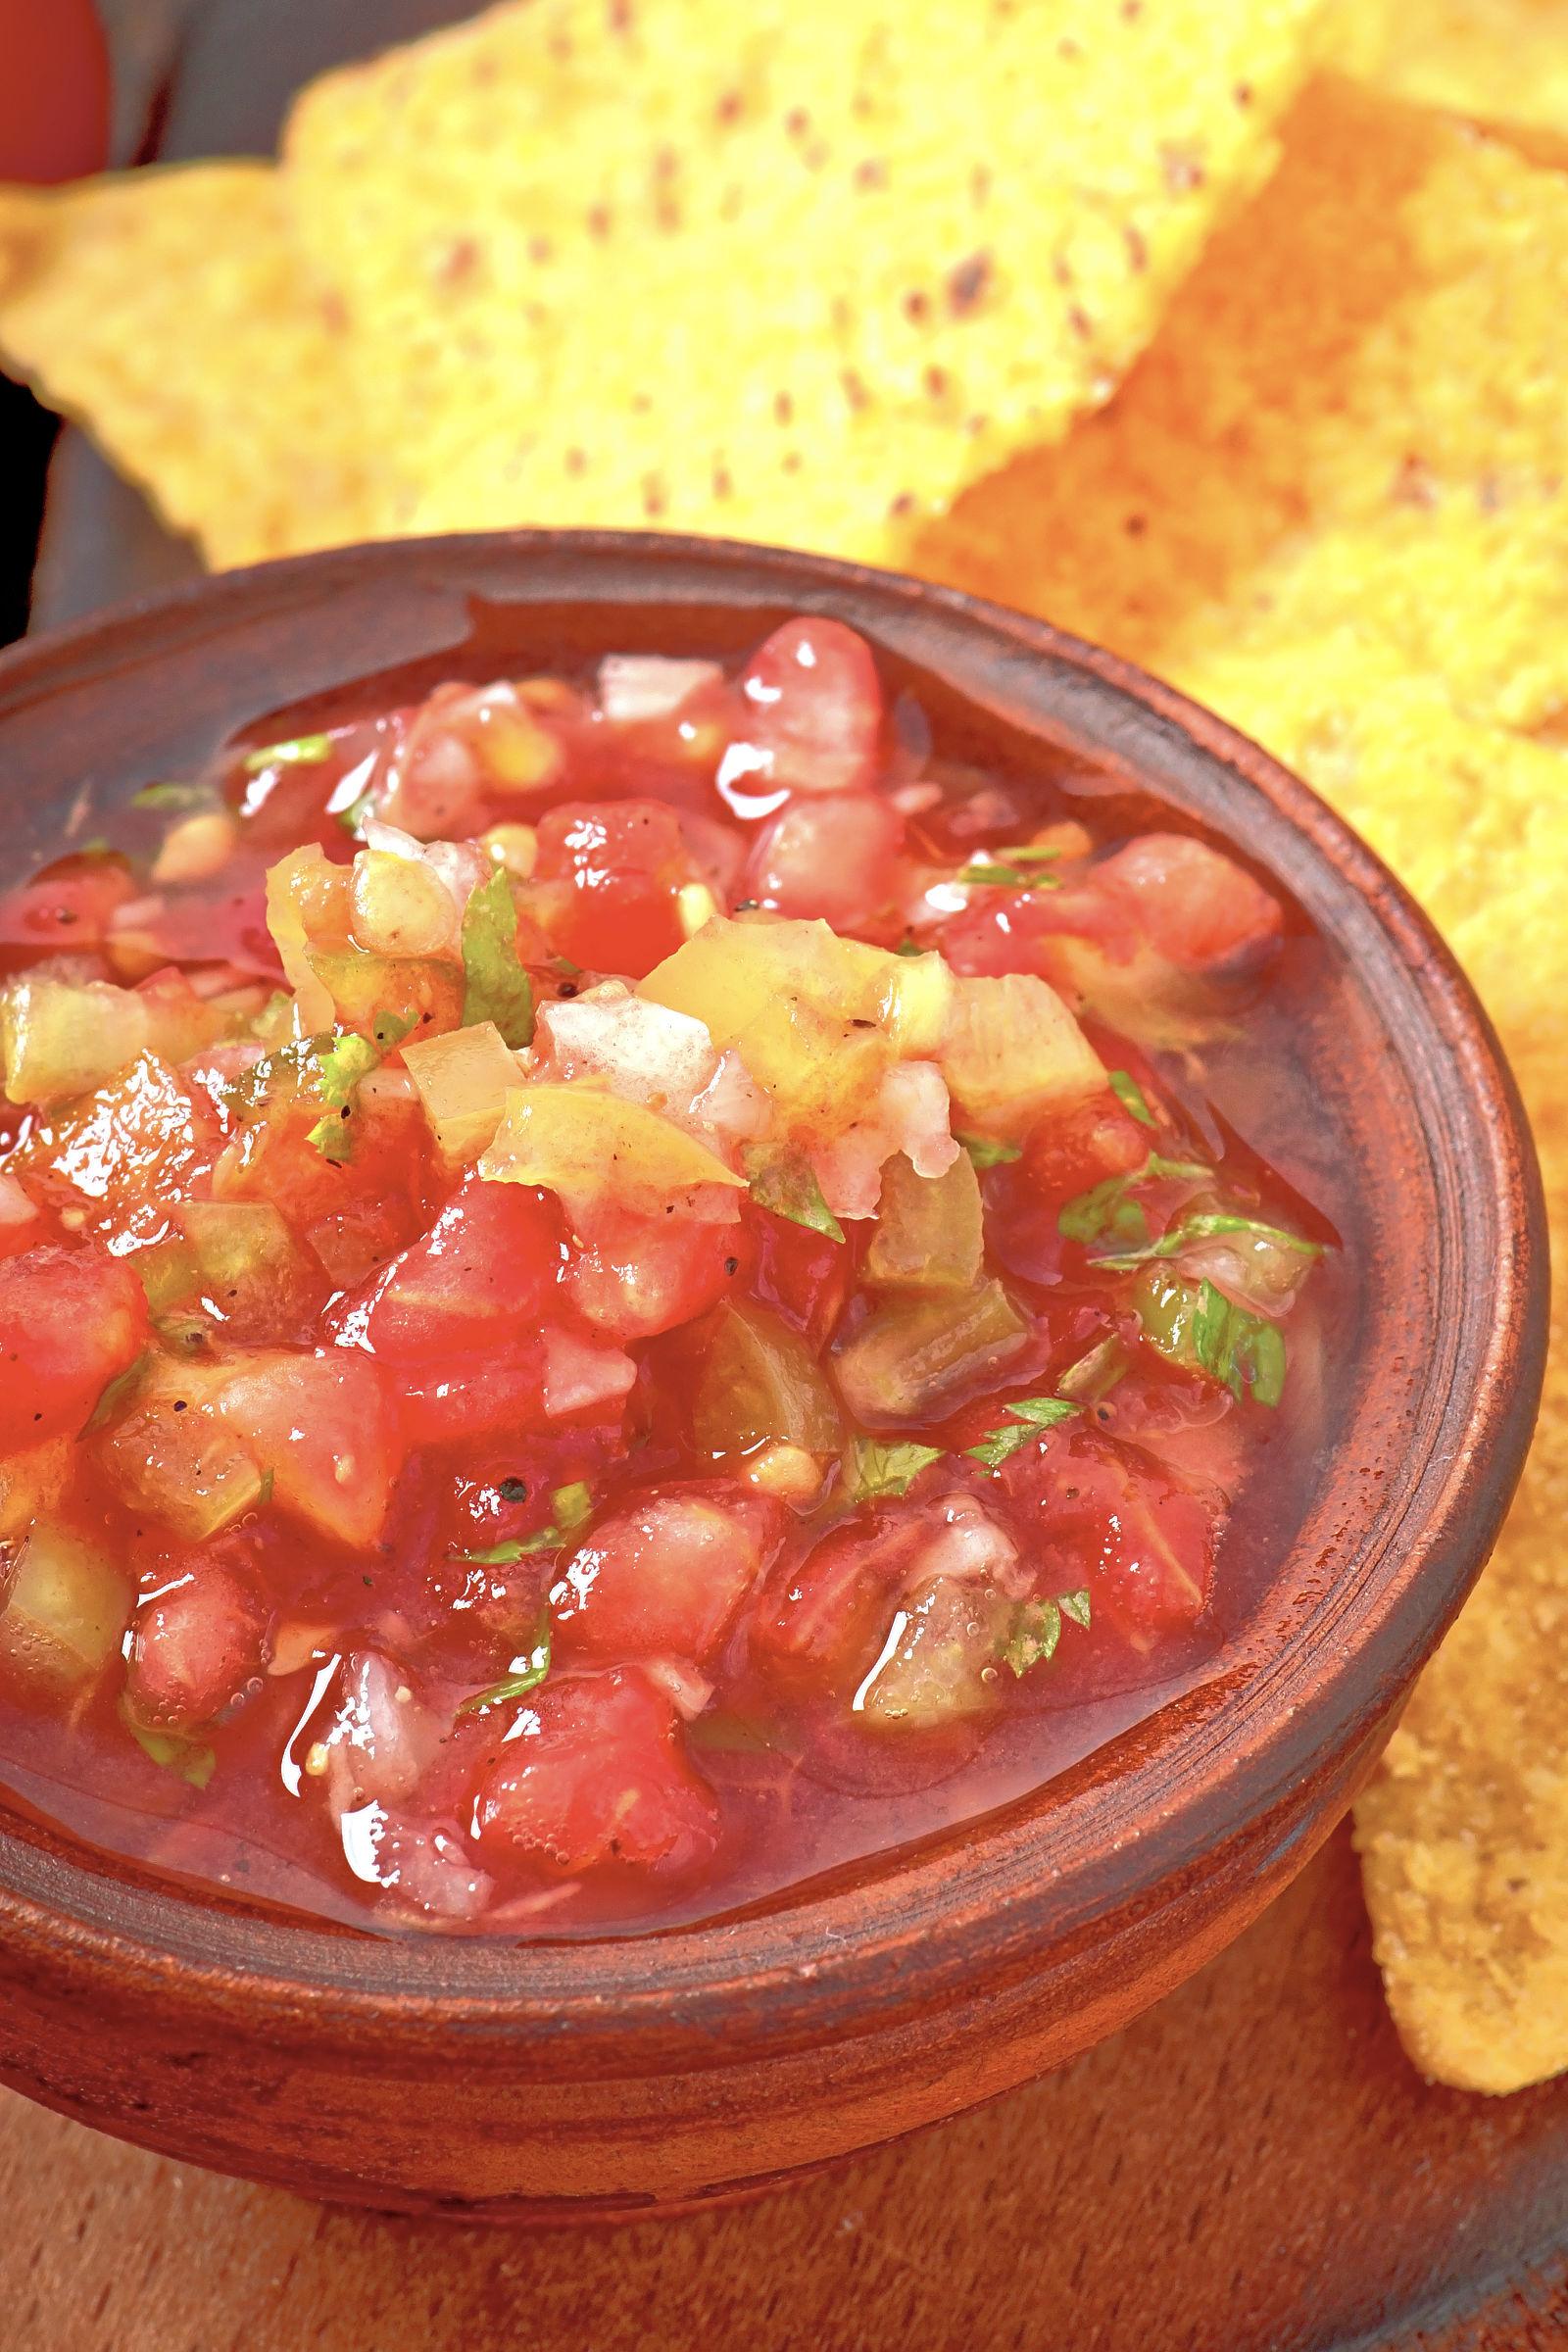 Fresh salsa recipe in a bowl